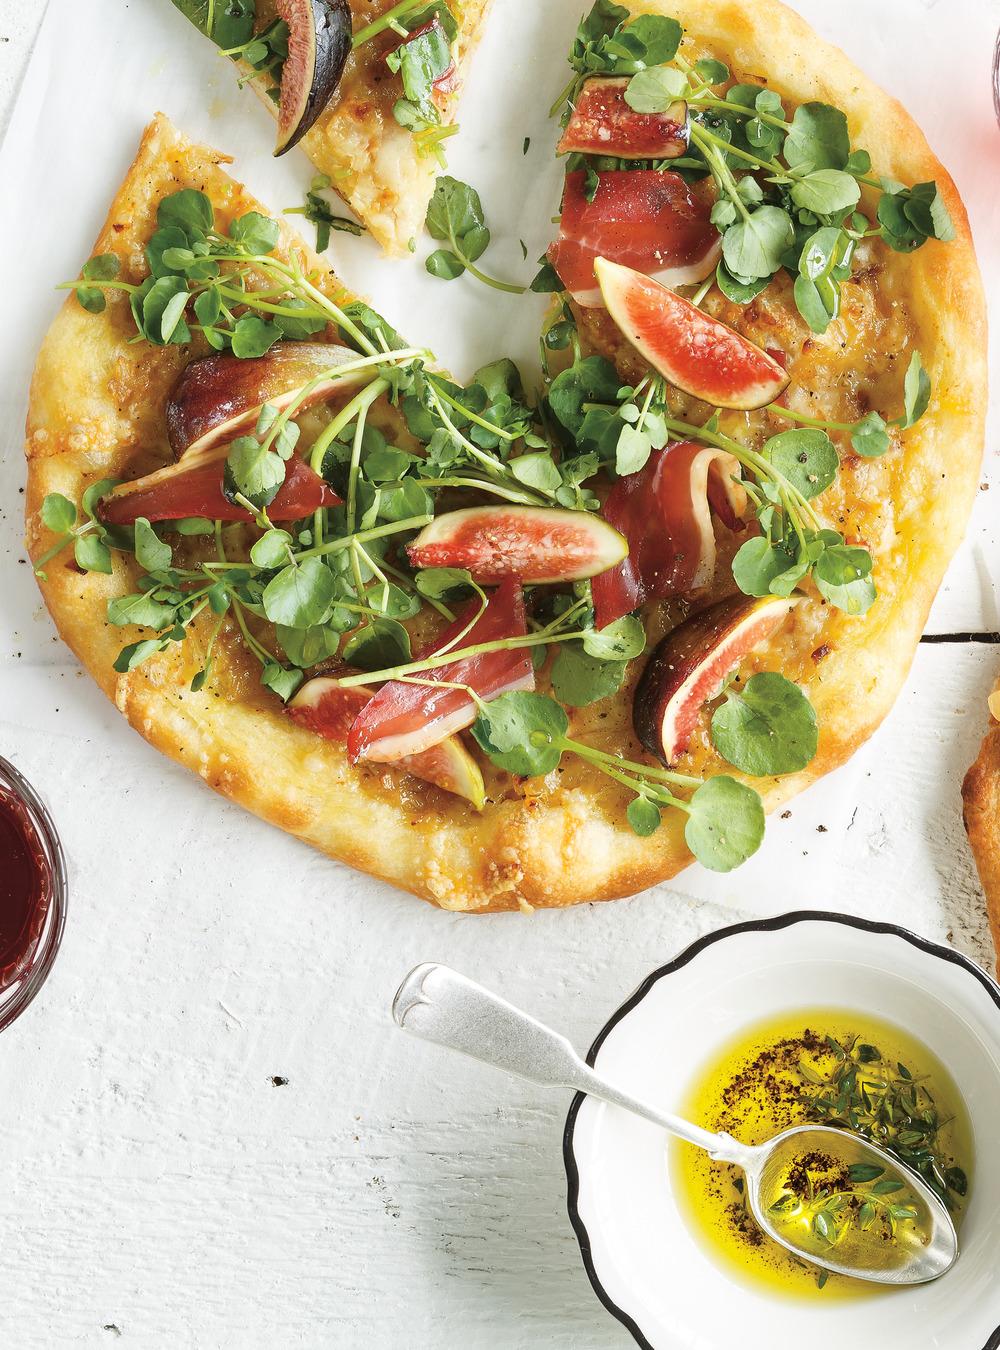 Pizza au canard séché, aux figues et au cresson | ricardo